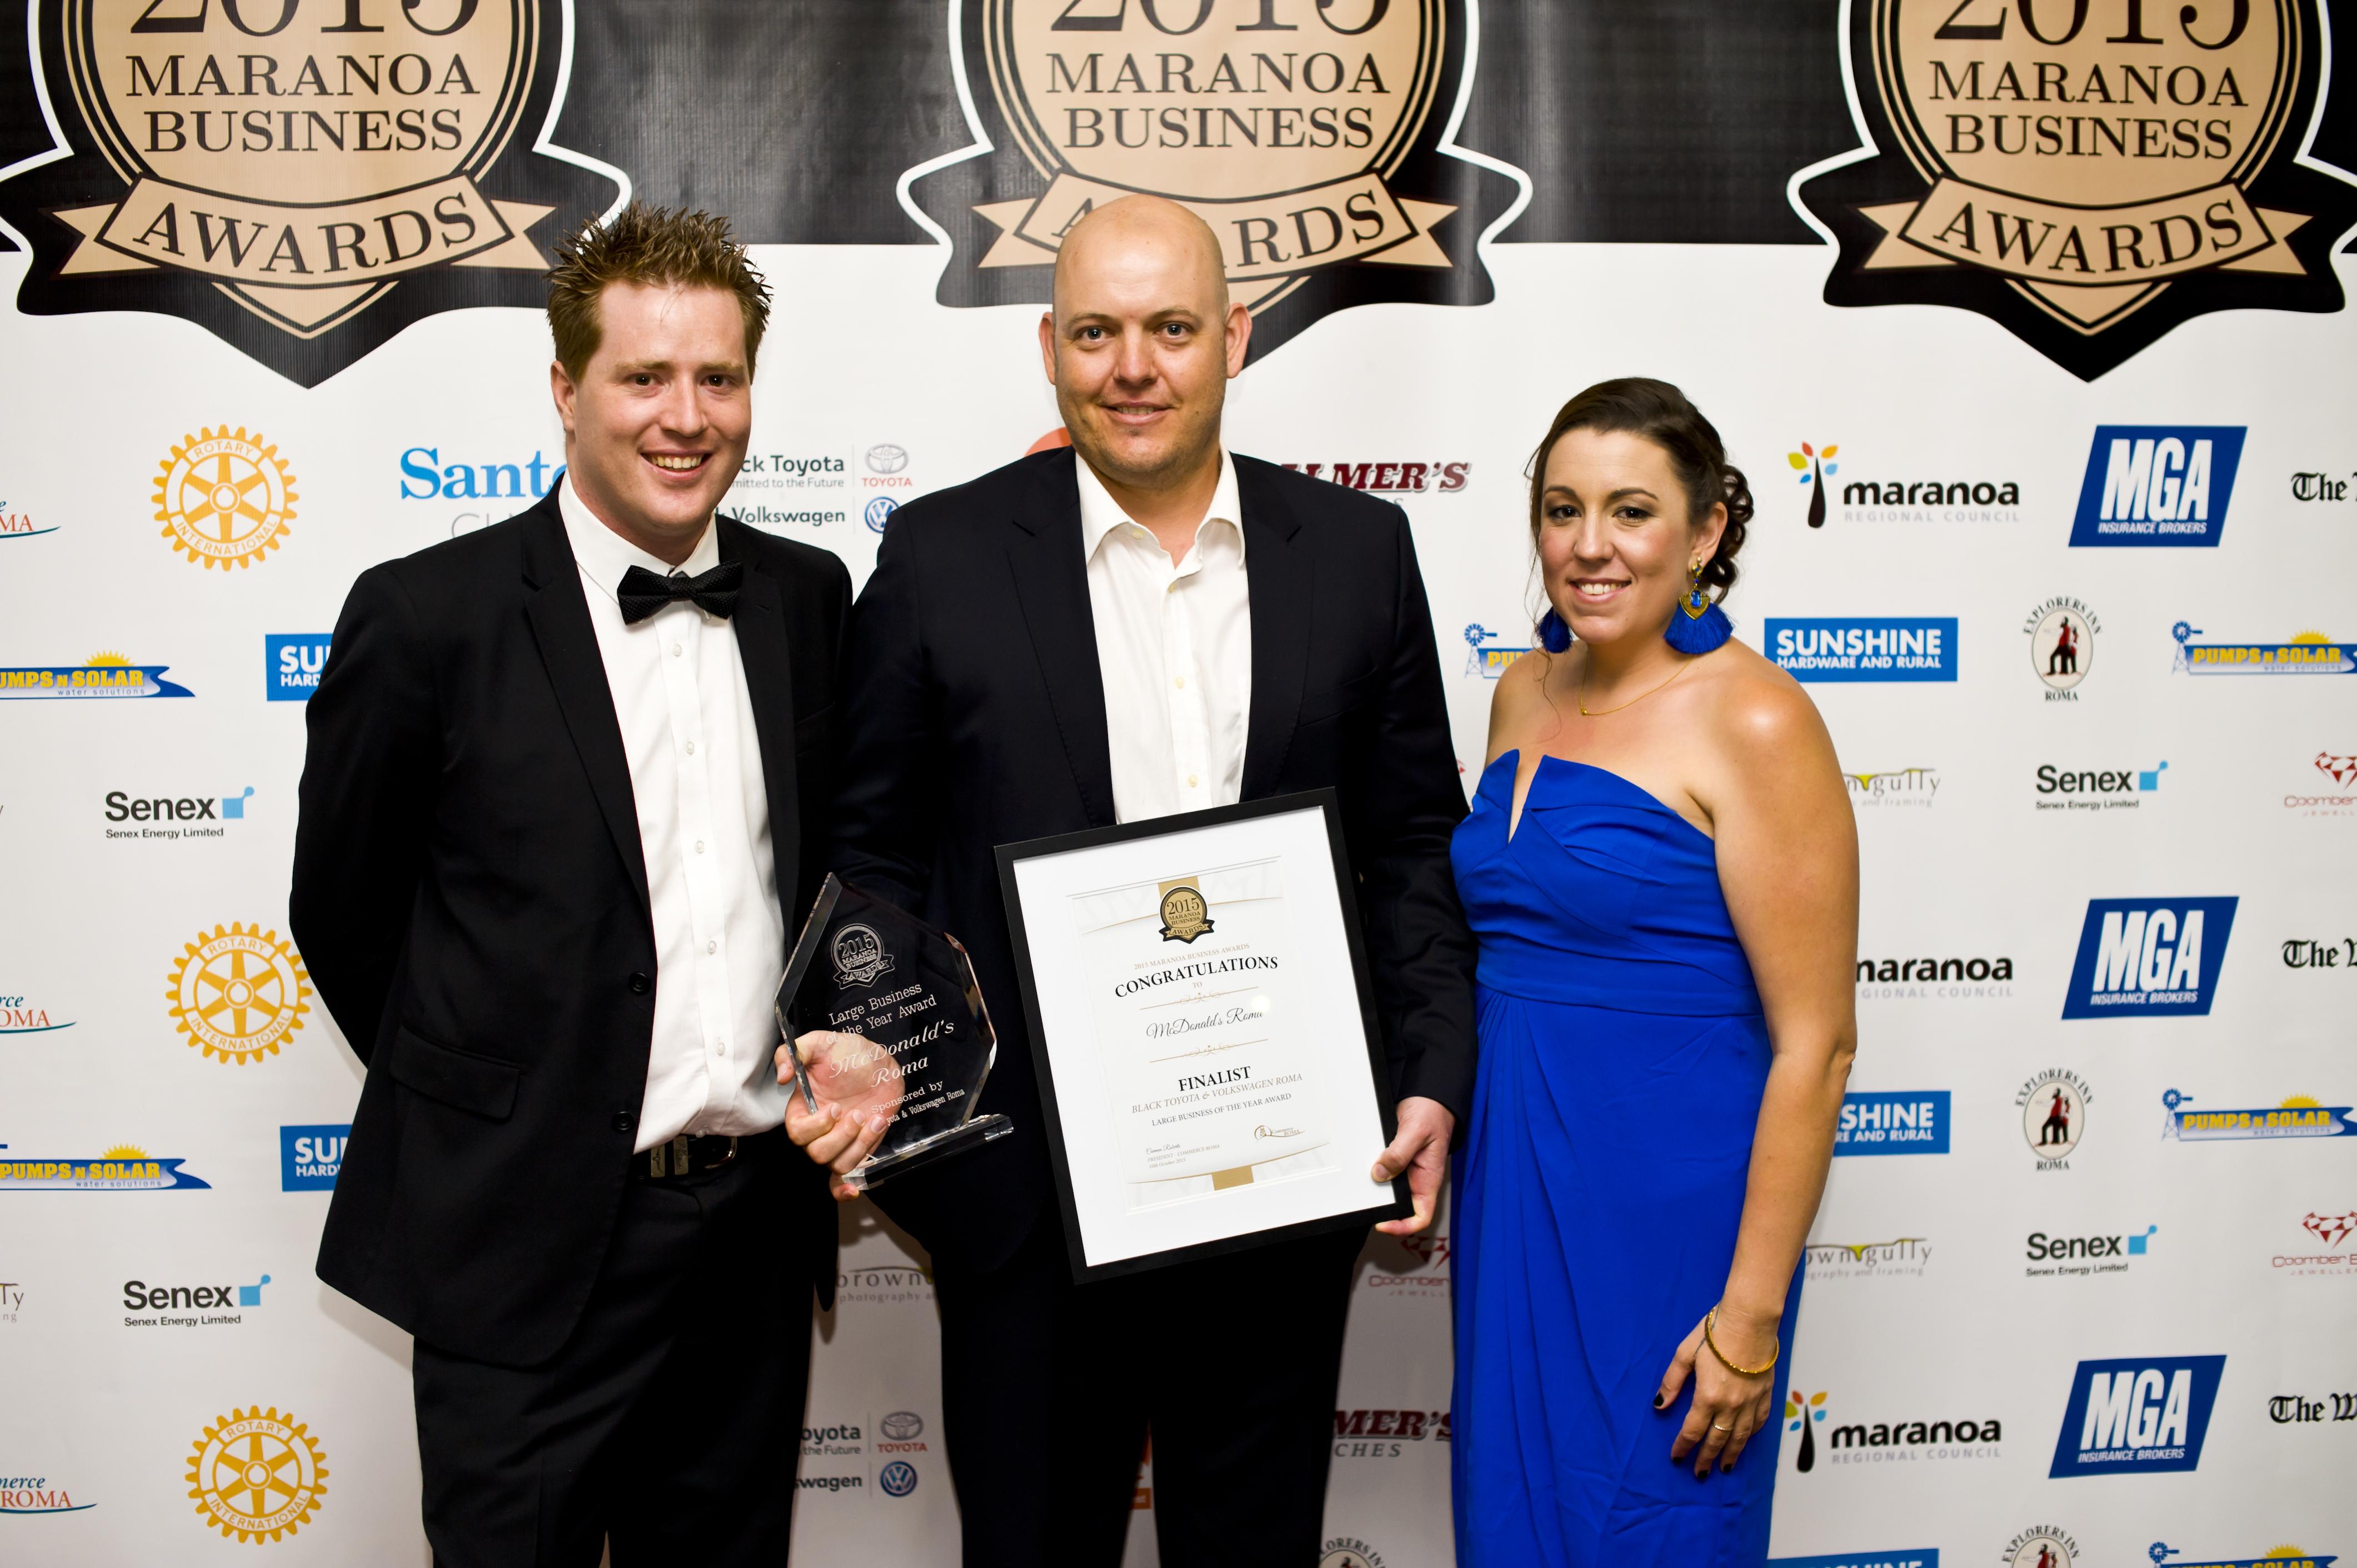 047_Maranoa Bus Awards